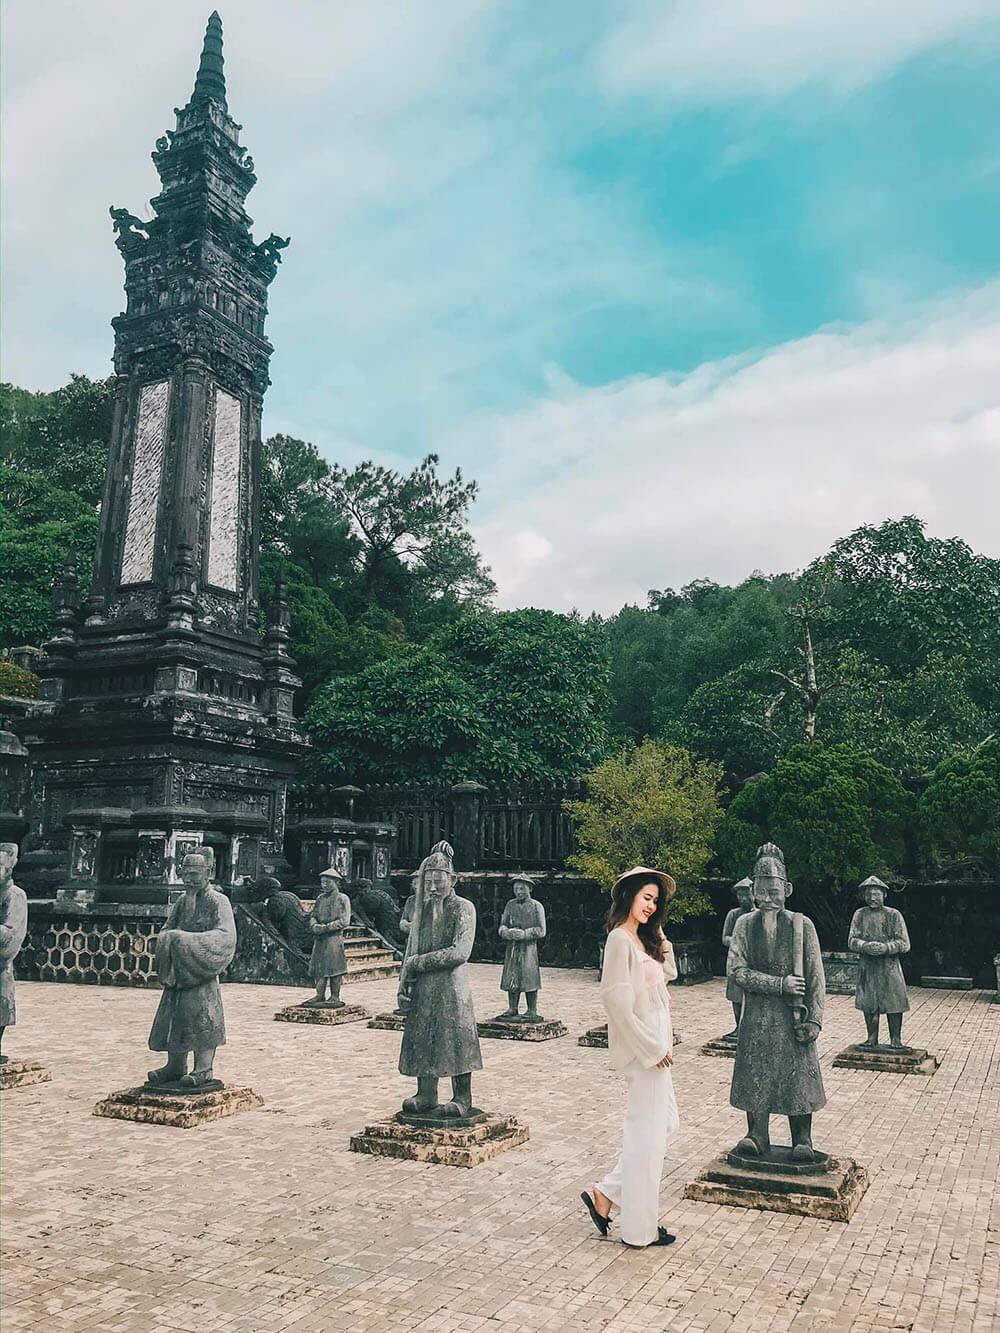 Lang Khai Dinh Review Hue Da Nang Hoi An Ninh Binh 7n7d Chi Voi 8 Trieu Tin Duoc Khong 01